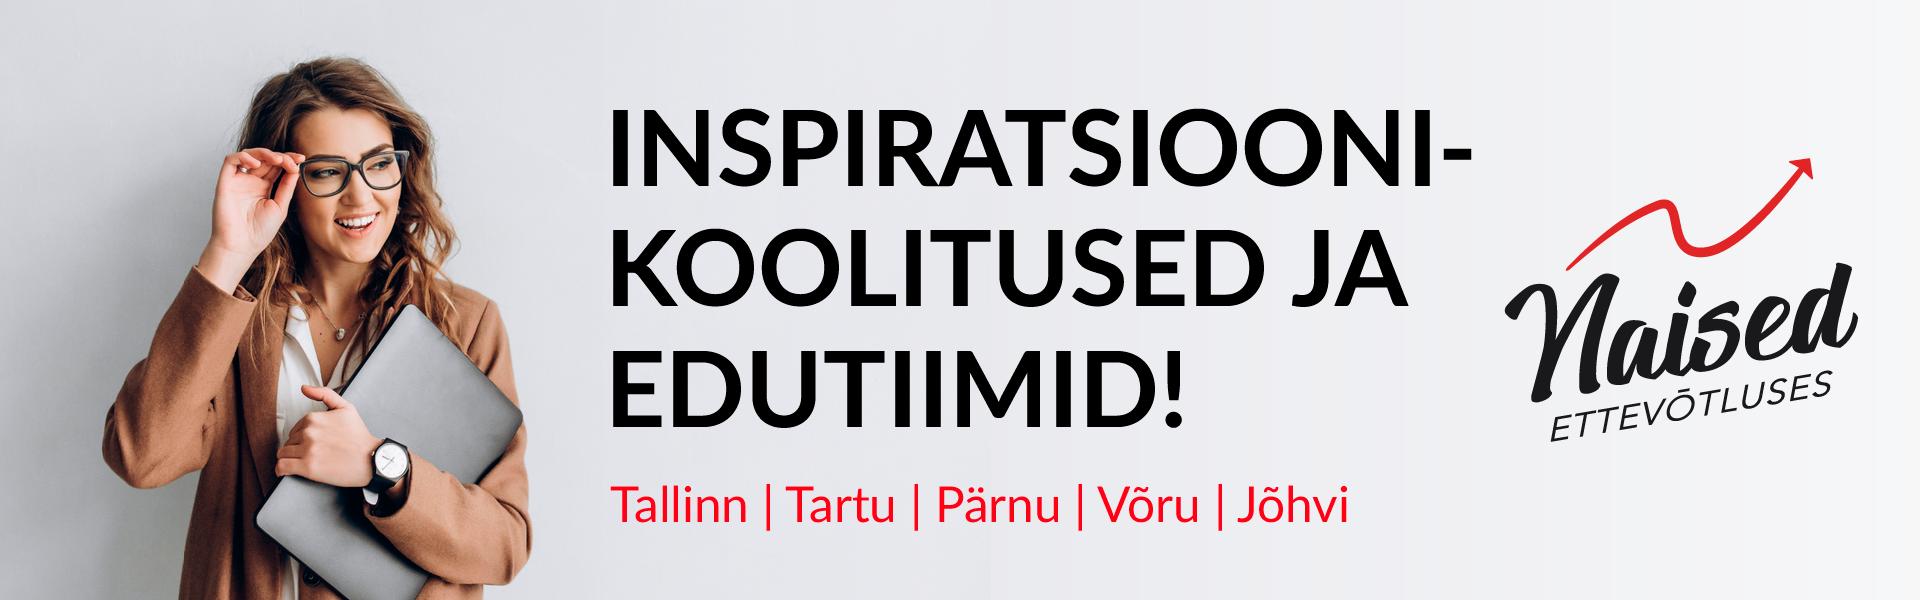 Inspiratsioonikoolitus_edutiim